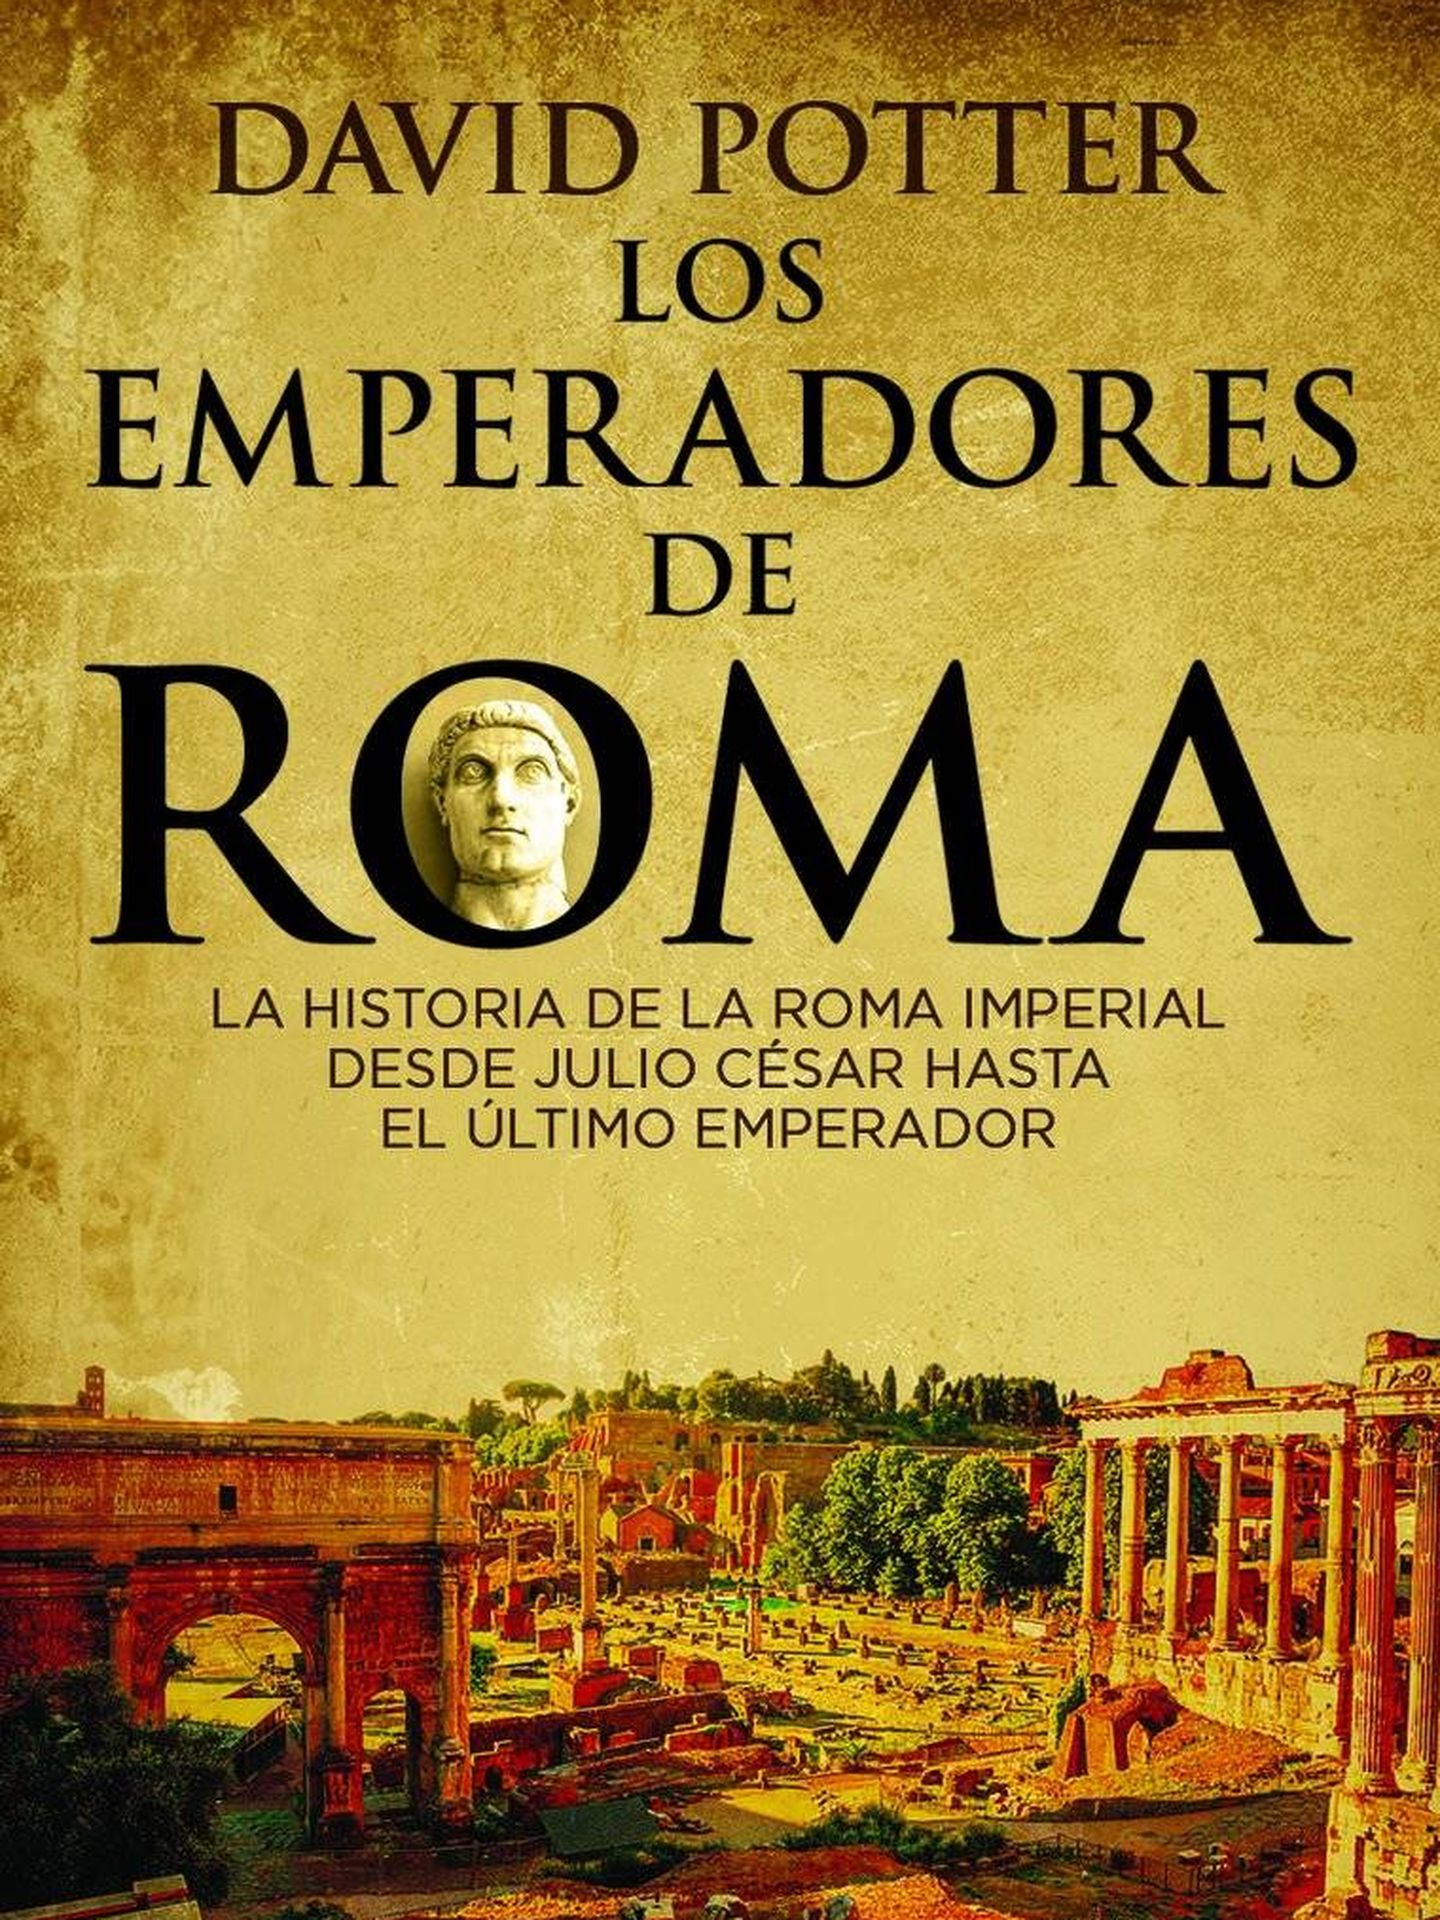 'Los emperadores de Roma'